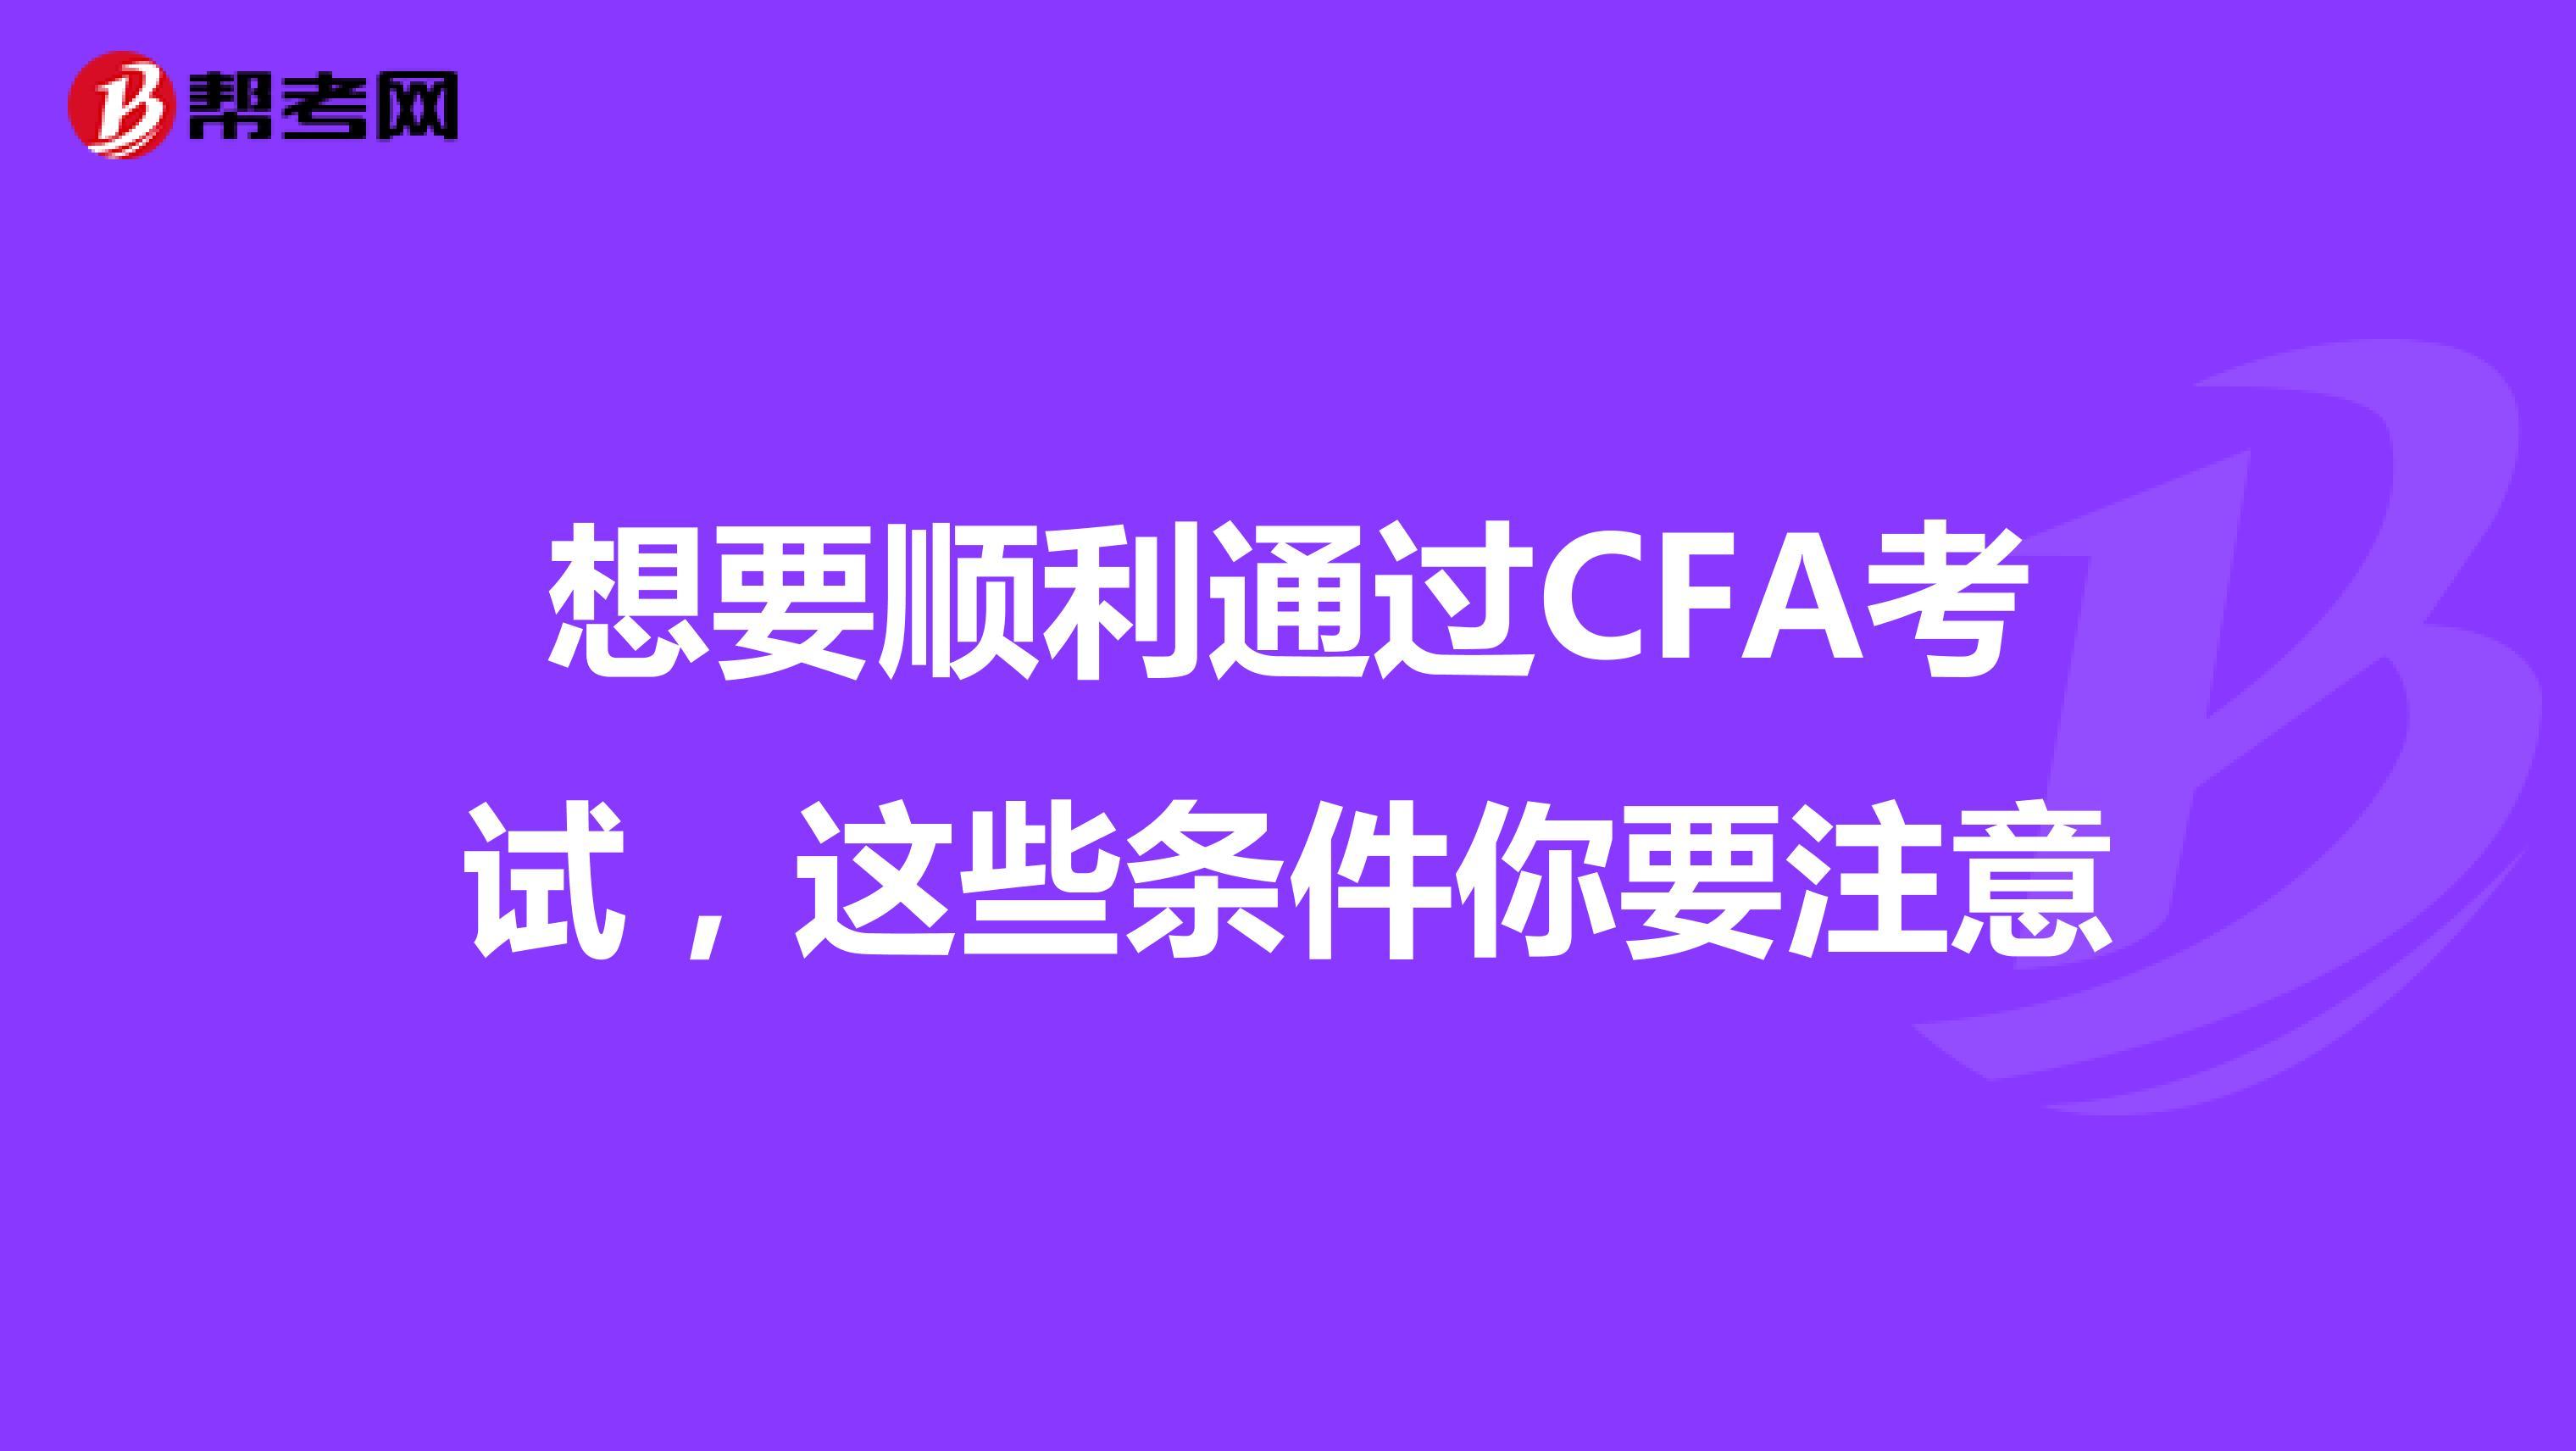 想要顺利通过CFA考试,这些条件你要注意